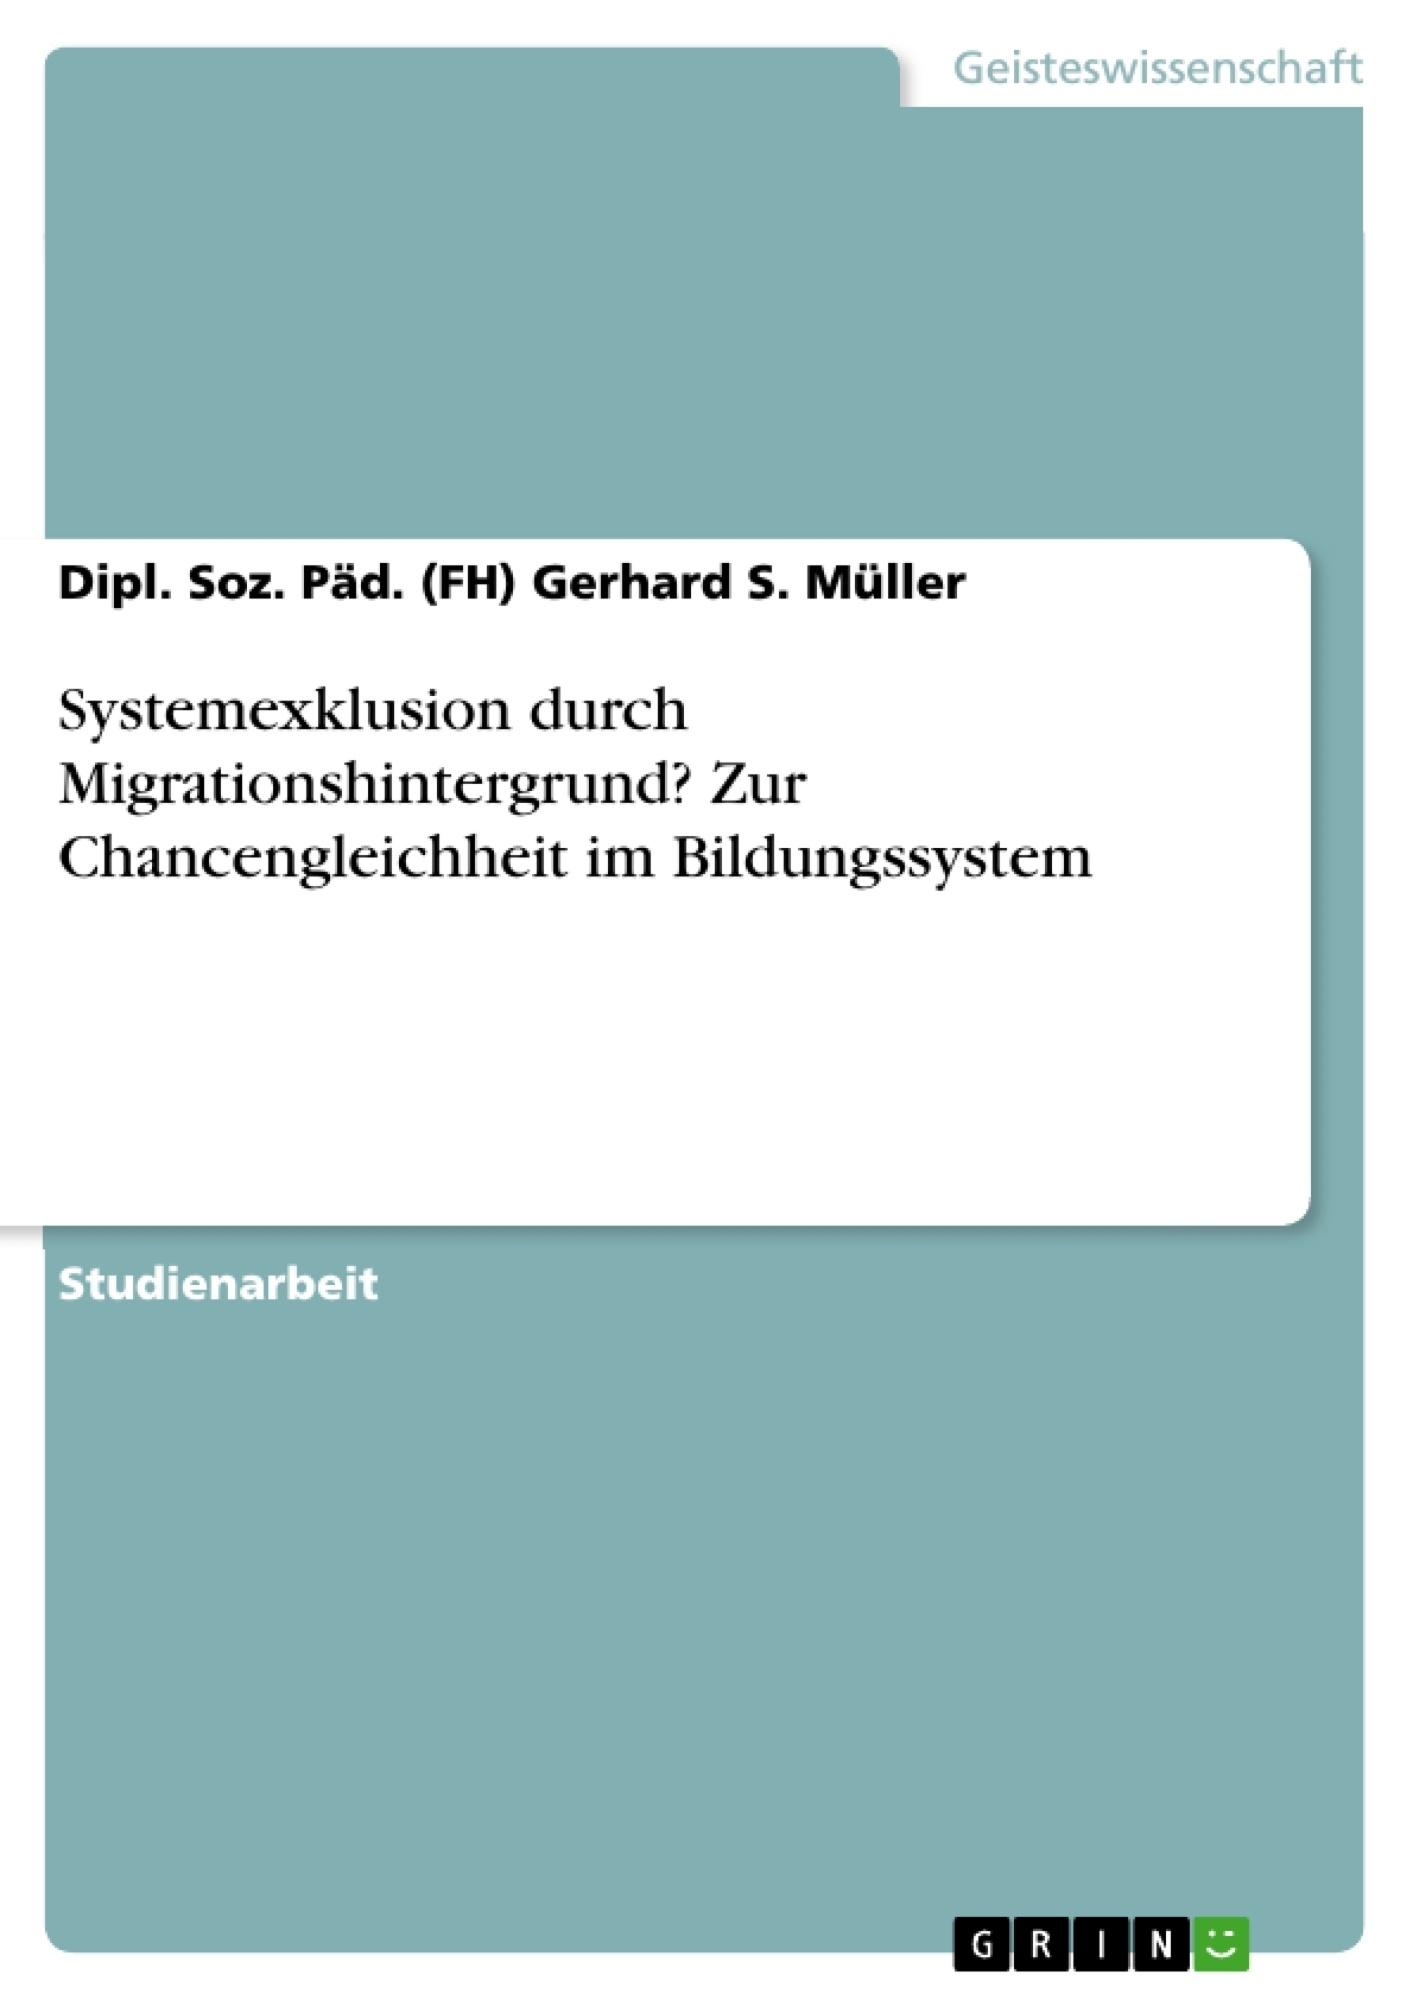 Titel: Systemexklusion durch Migrationshintergrund? Zur Chancengleichheit im Bildungssystem